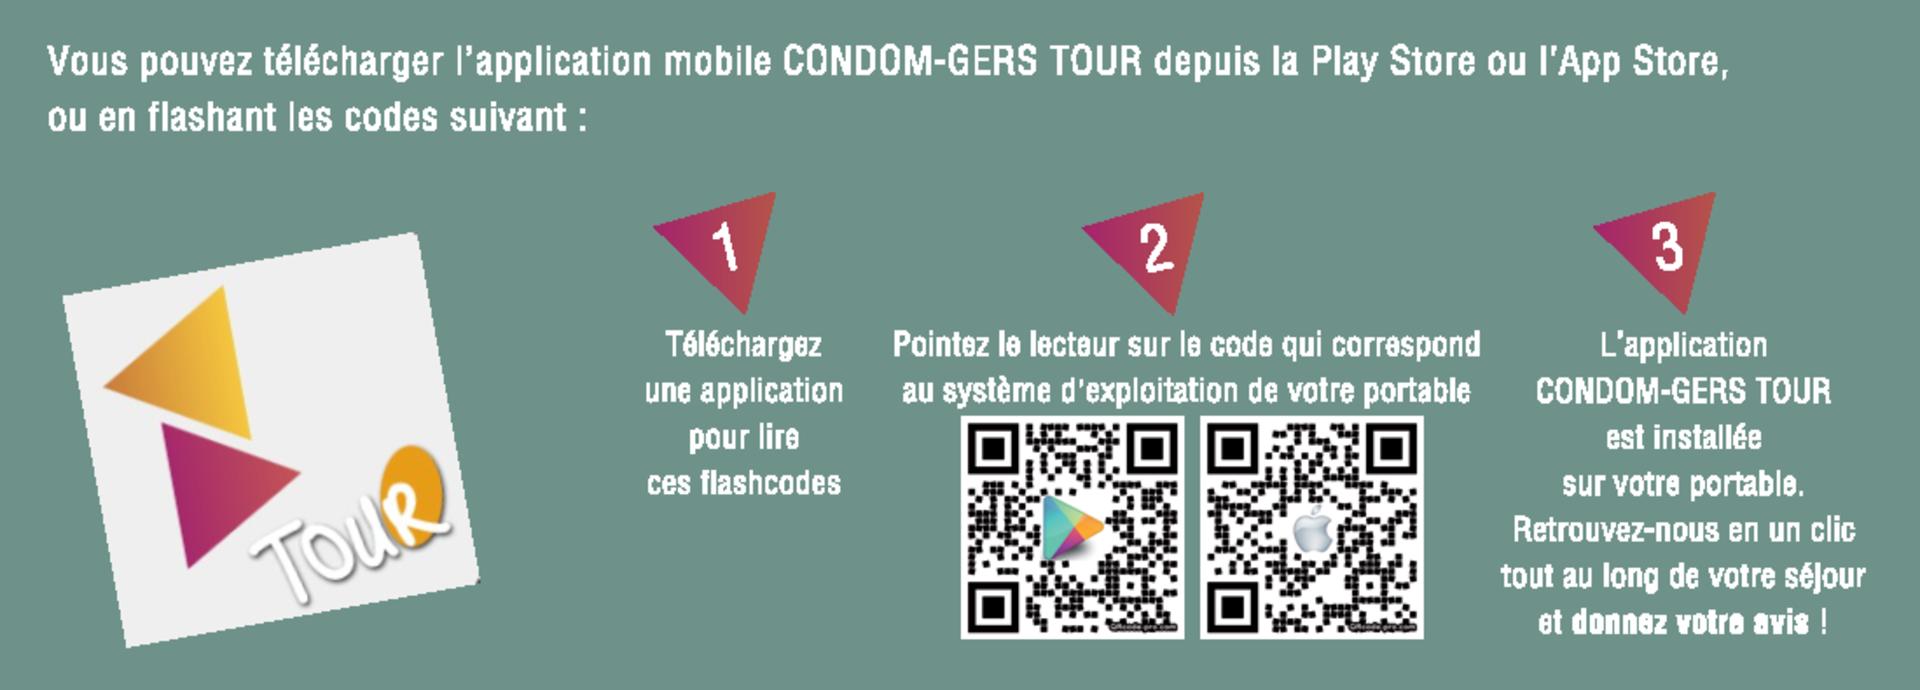 Télécharger gratuitement l'application mobile Condom - Gers Tour